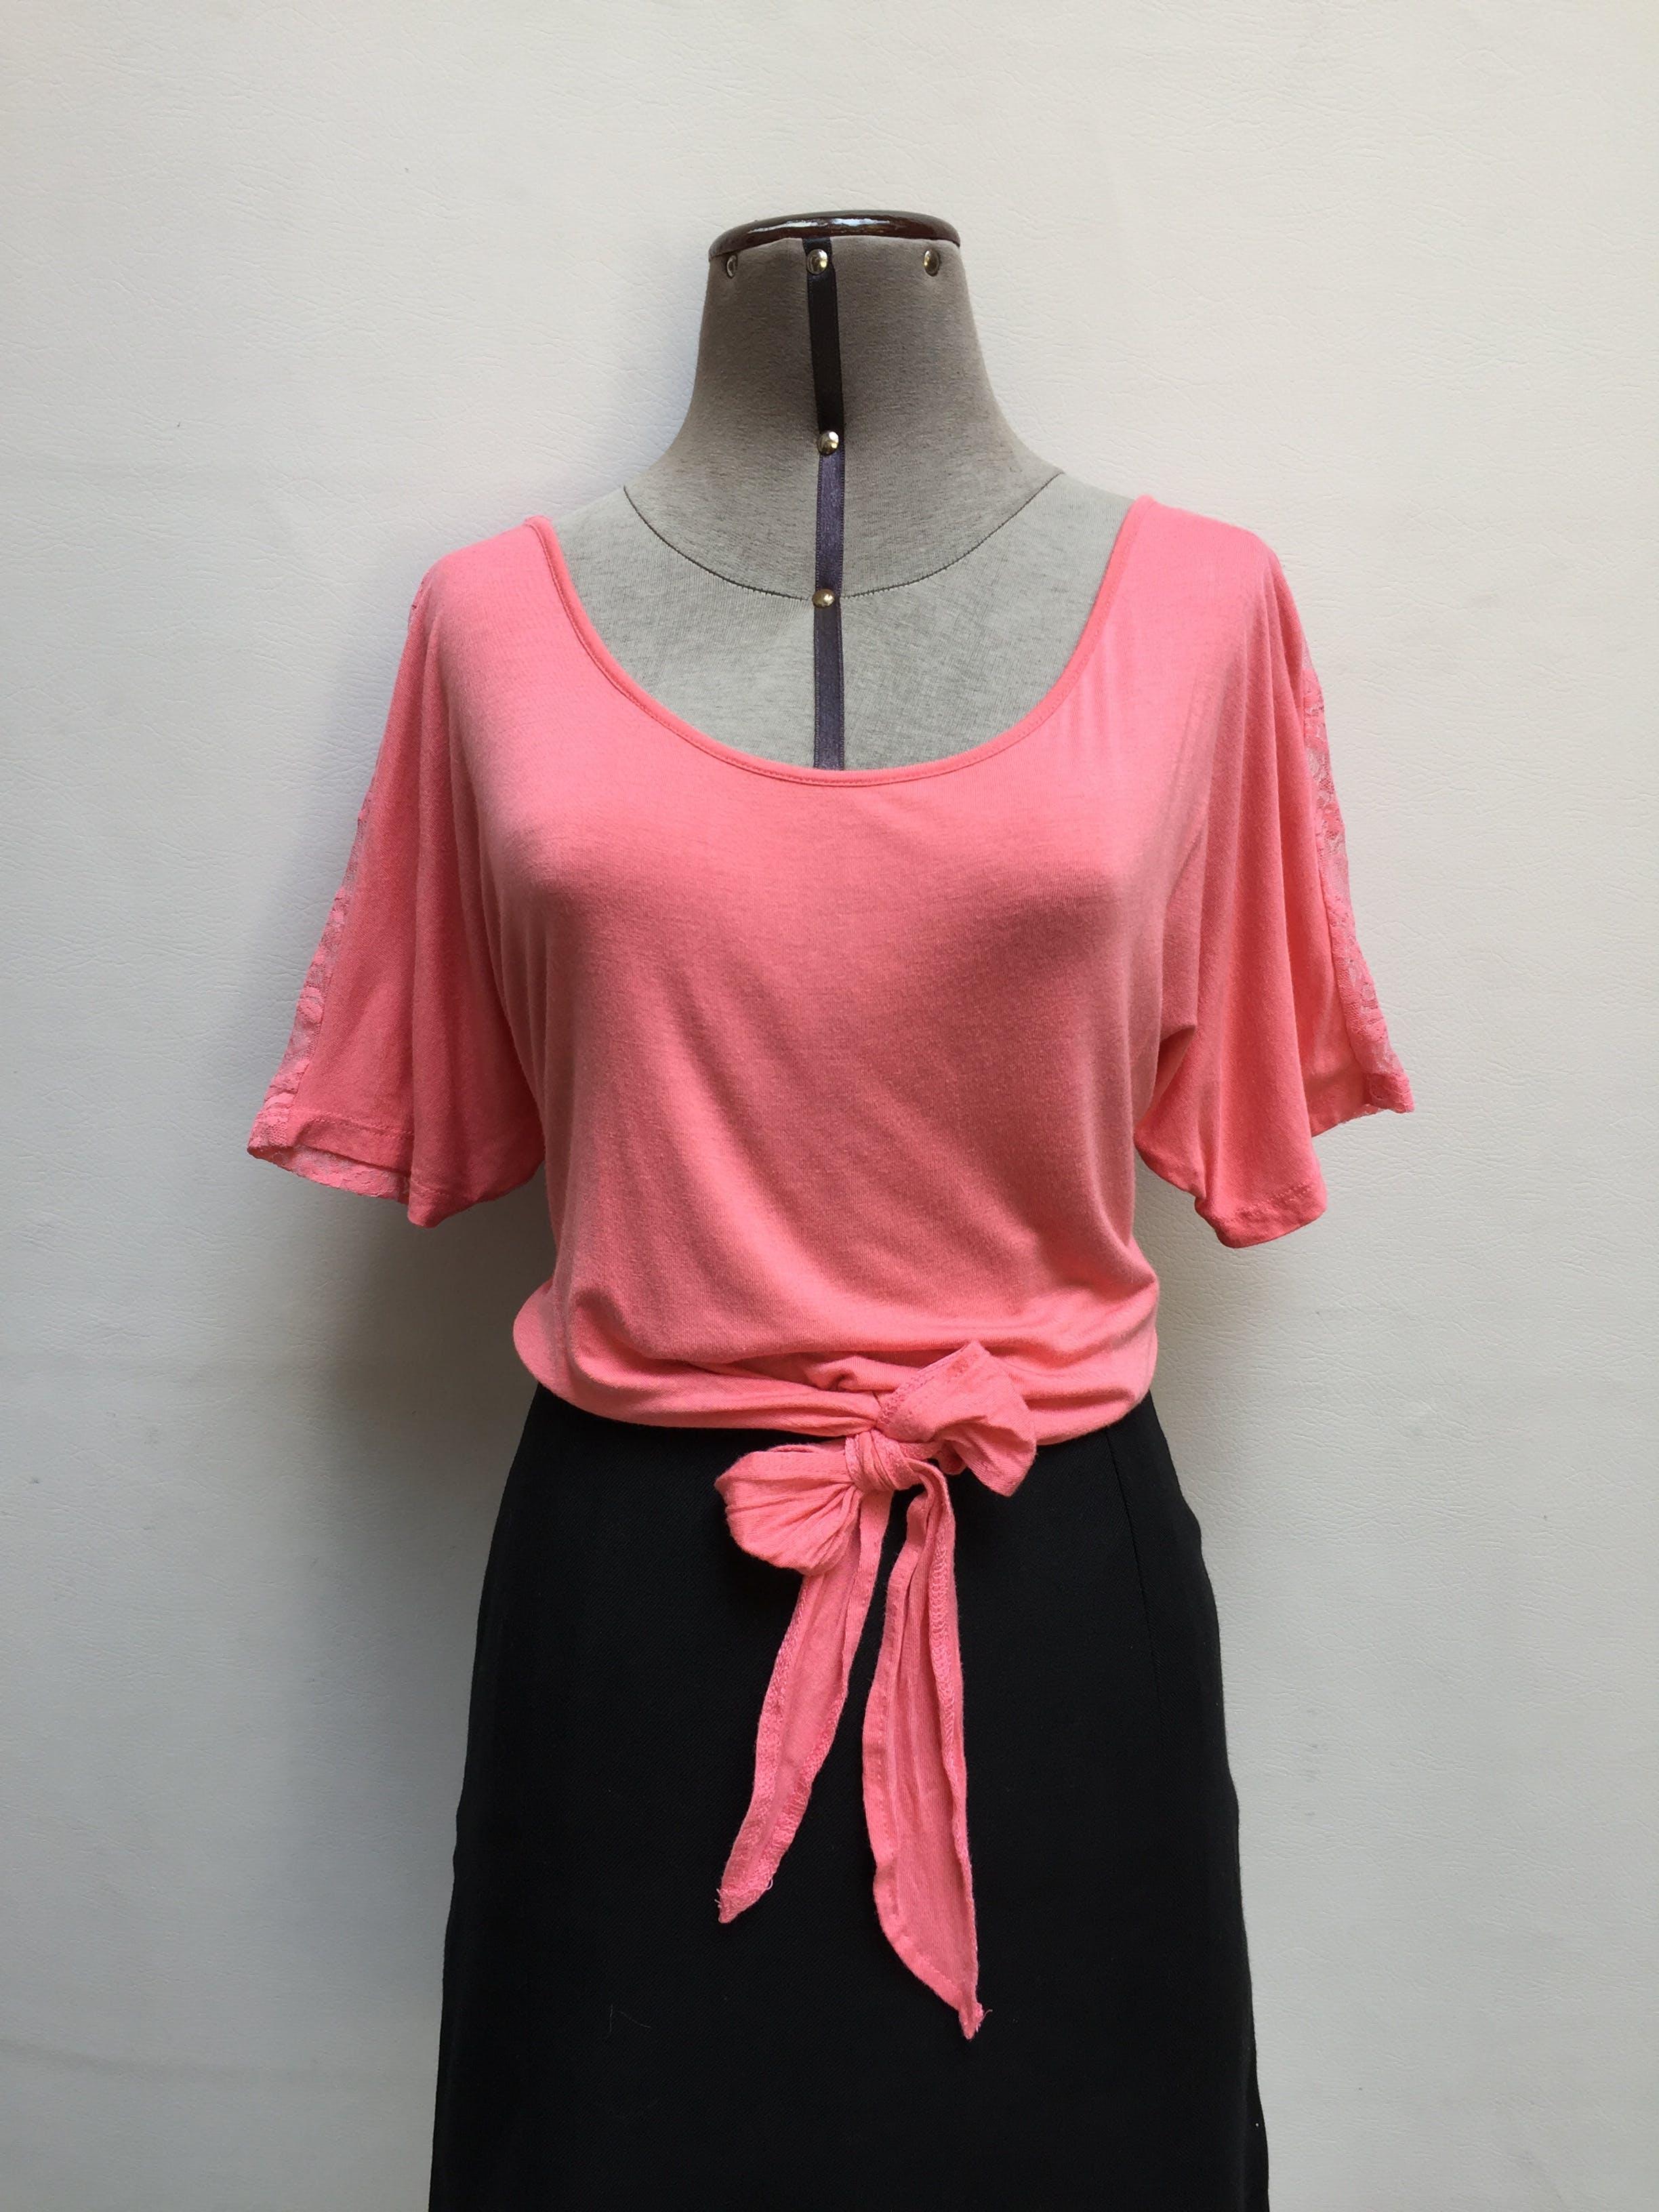 Polo Kosiuko rosado, tipo algodón delantero y encaje posterior, lazo para amarrar en la basta. SALE Talla M